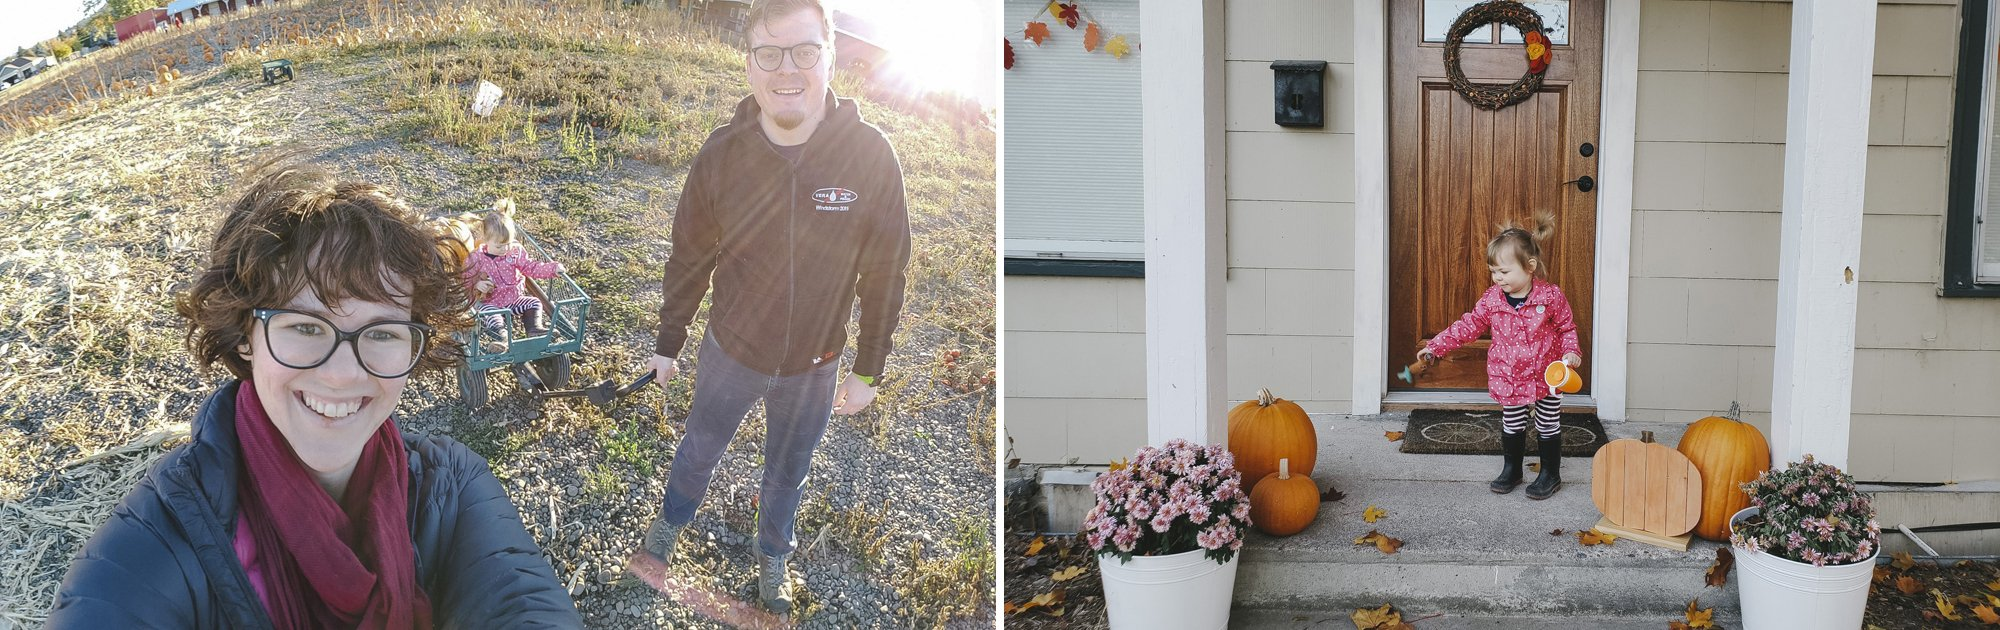 Pumpkin Picking in Spokane